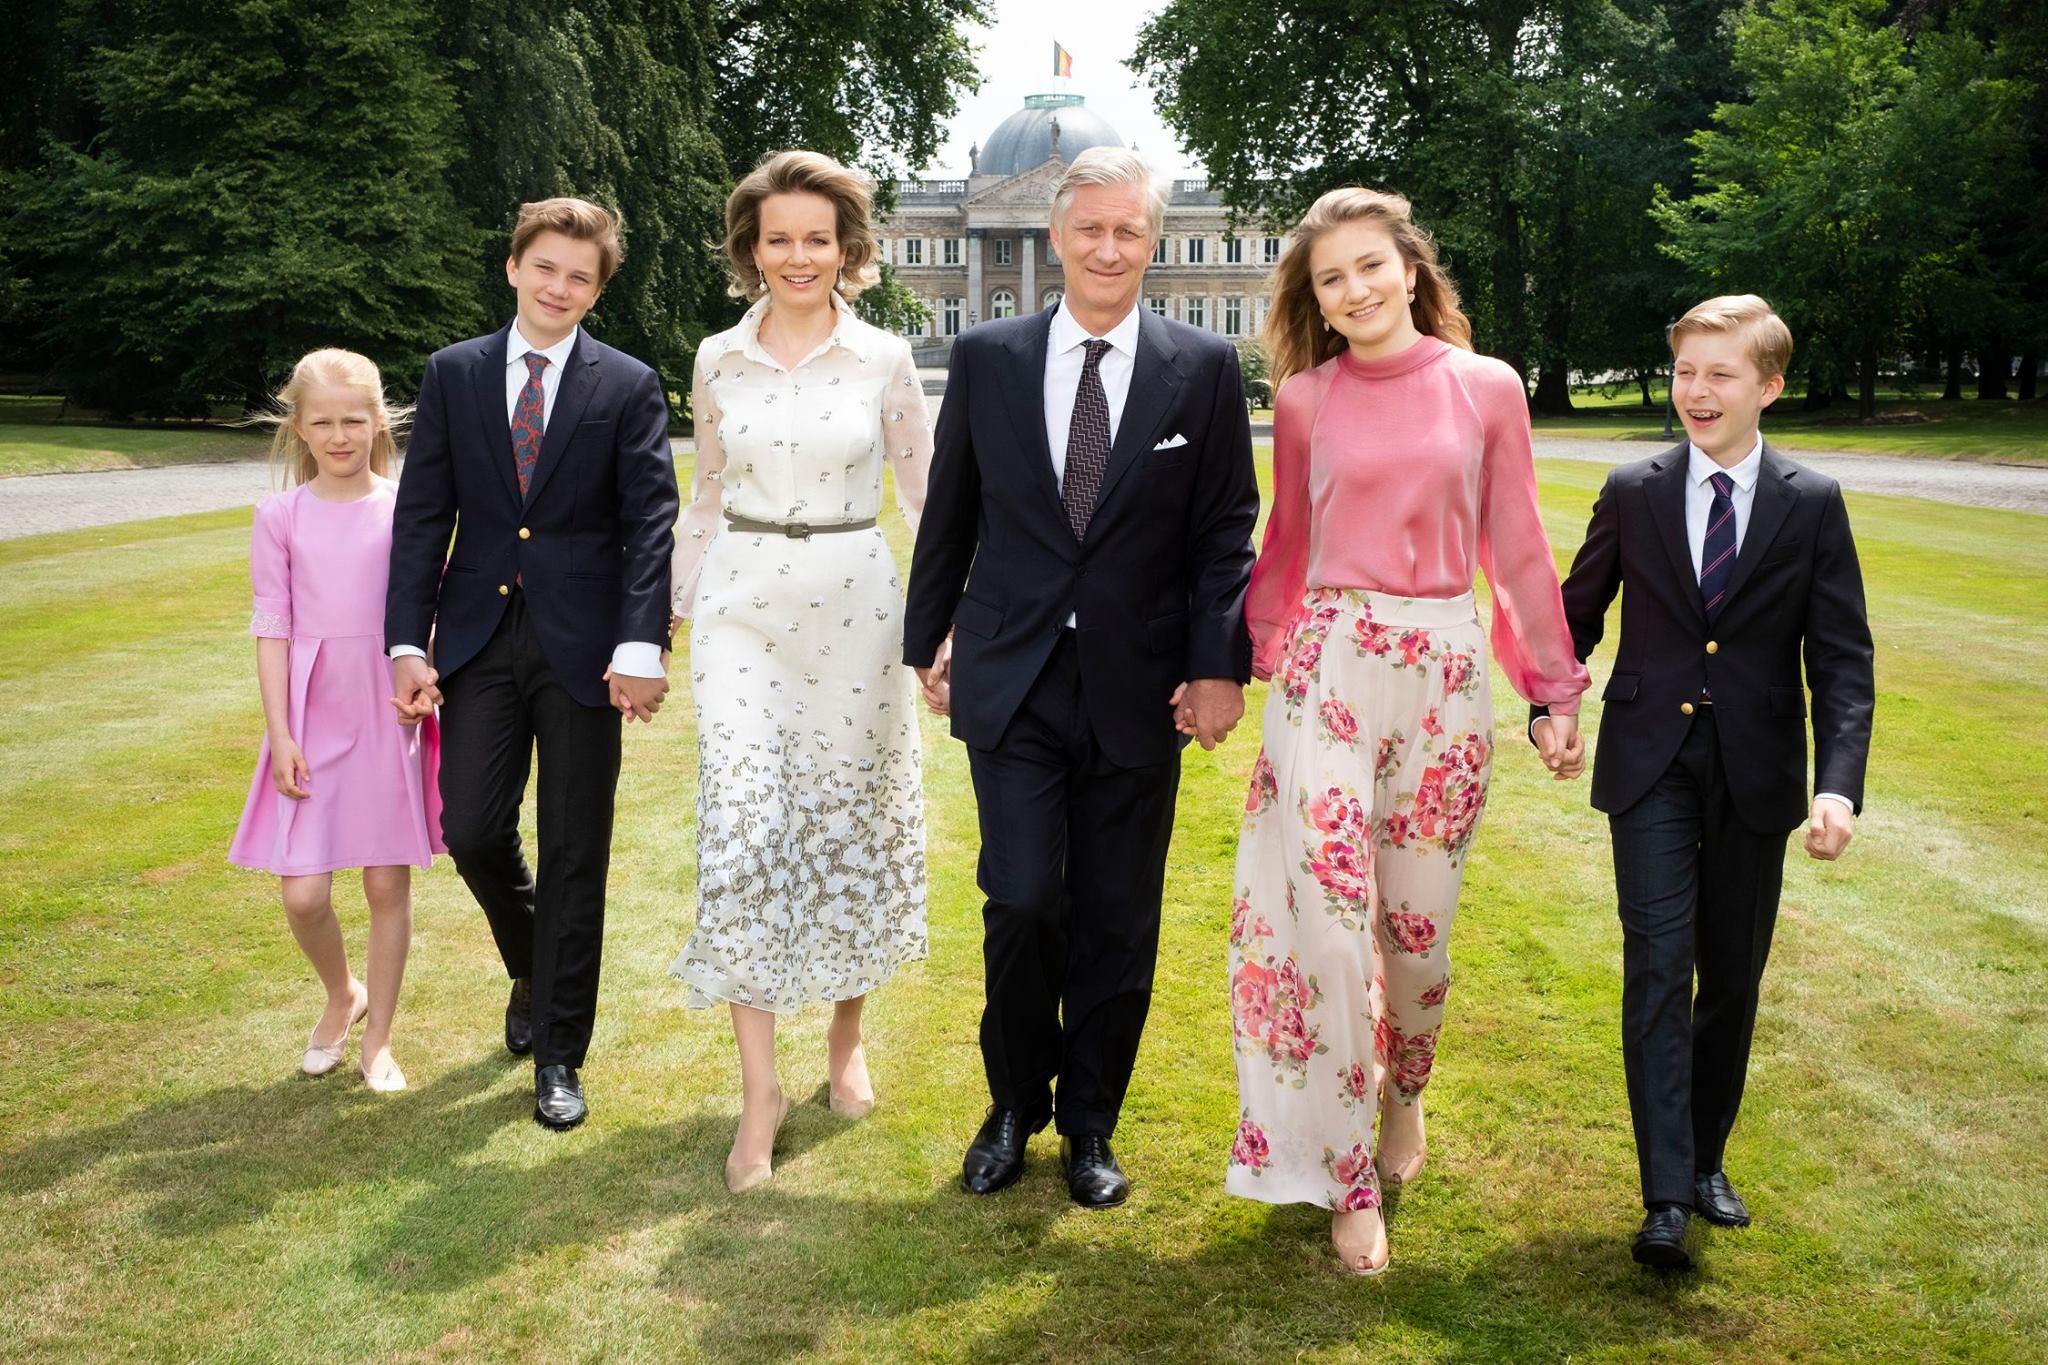 Eine sympathische Familie. Königin Mathilde und König Philippe mit ihren vier Kindern Eléonore, Gabriel, Elisabeth und Emmanuel (v.l.n.r.)  ©Koninklijk Paleis